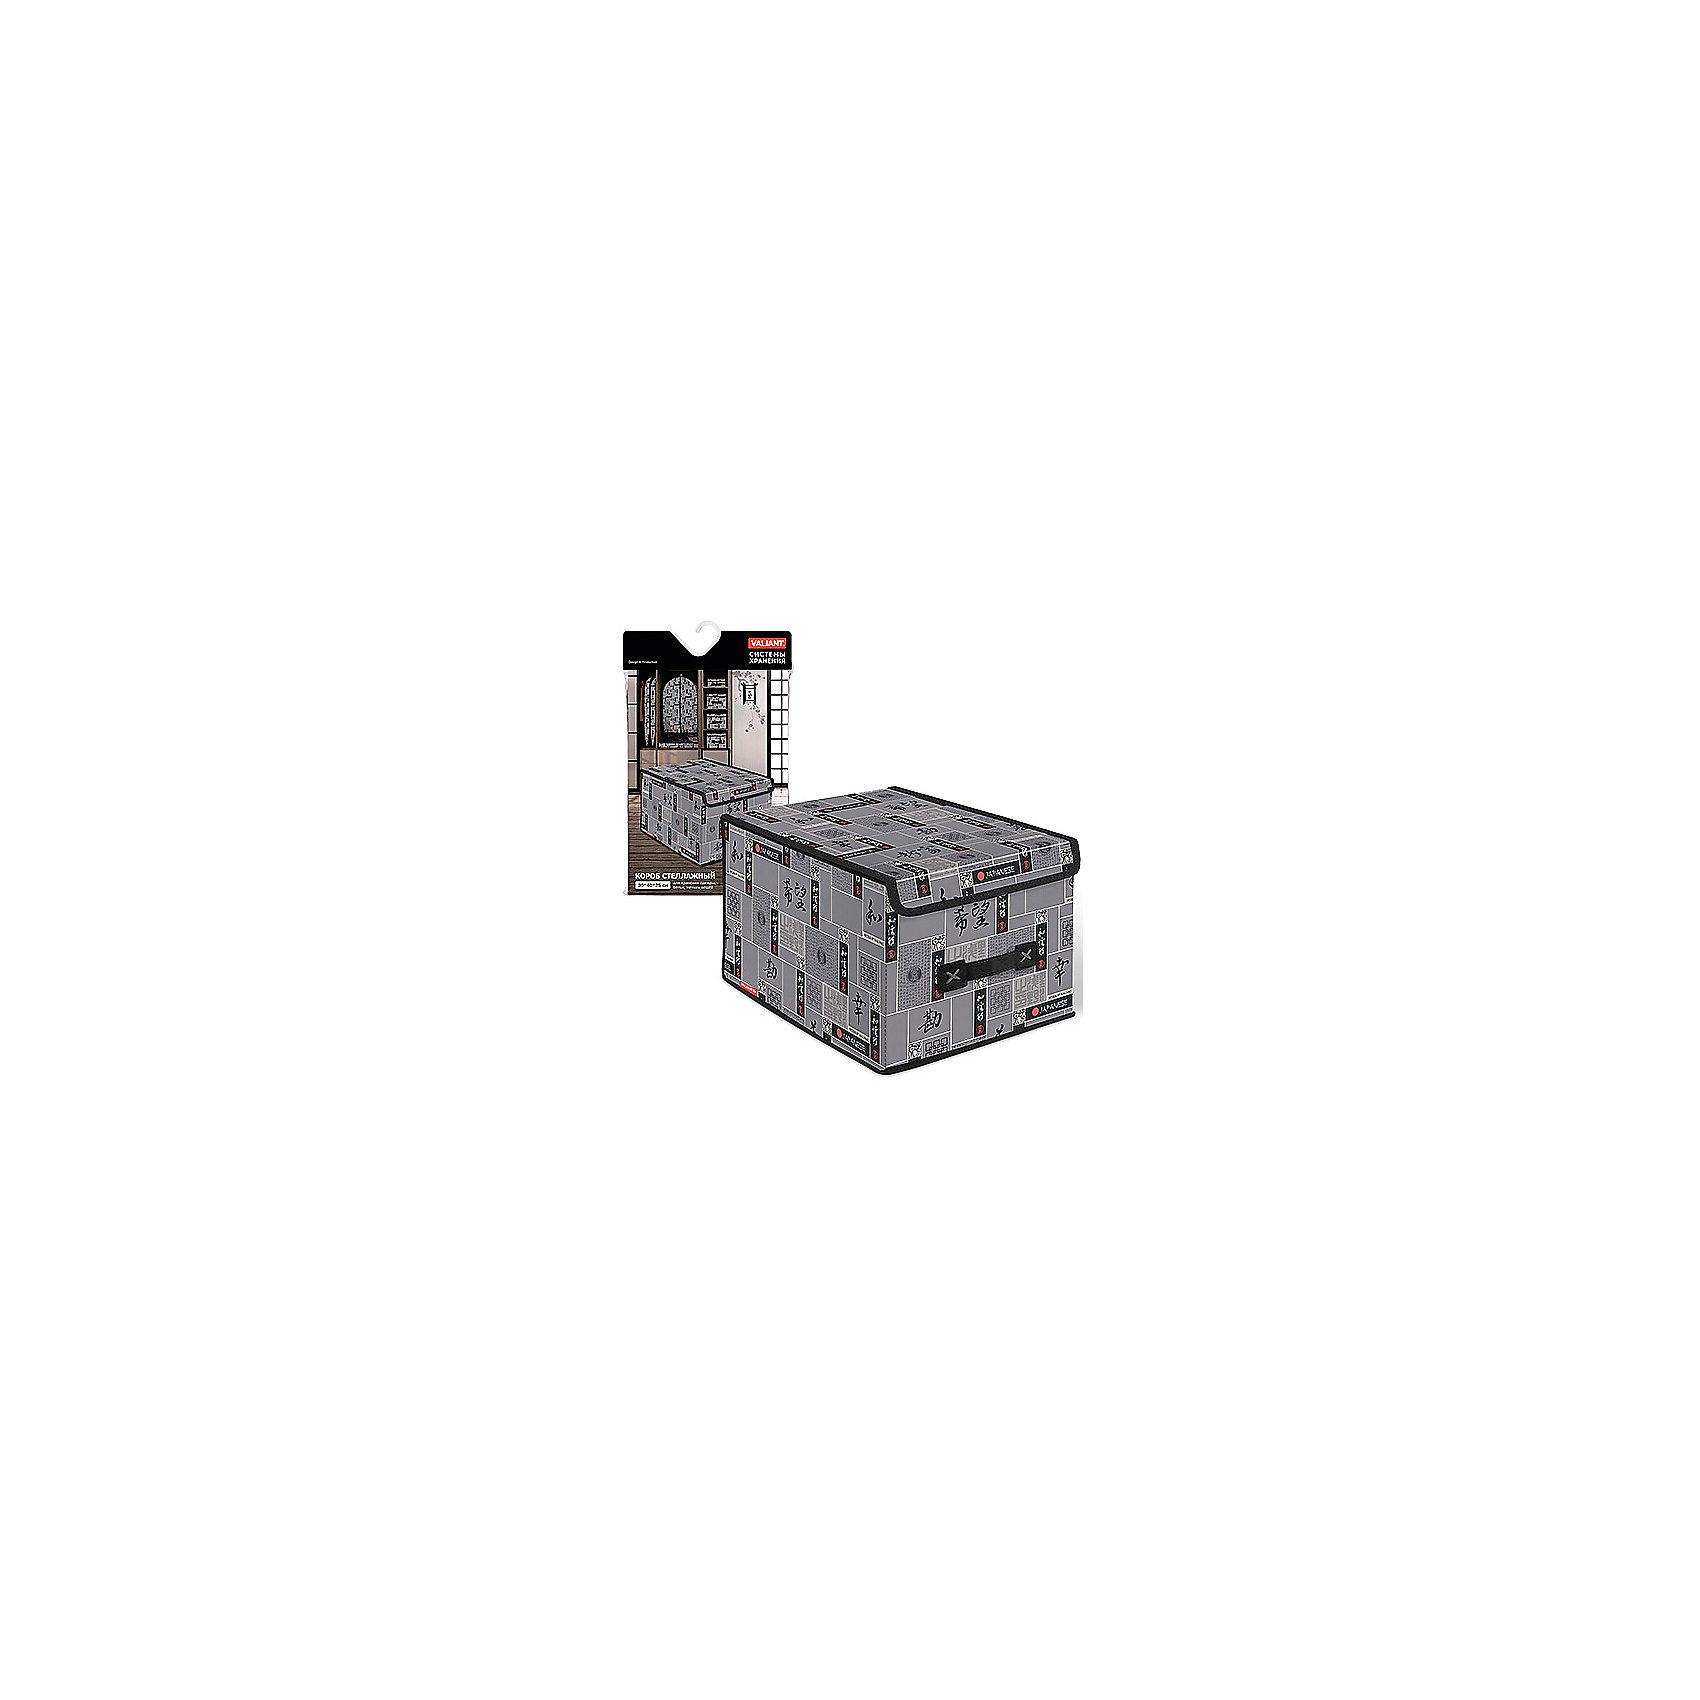 VALIANT Короб стеллажный с крышкой, большой, 30*40*25 см, JAPANESE BLACK, Valiant купить экран короб в спб адреса